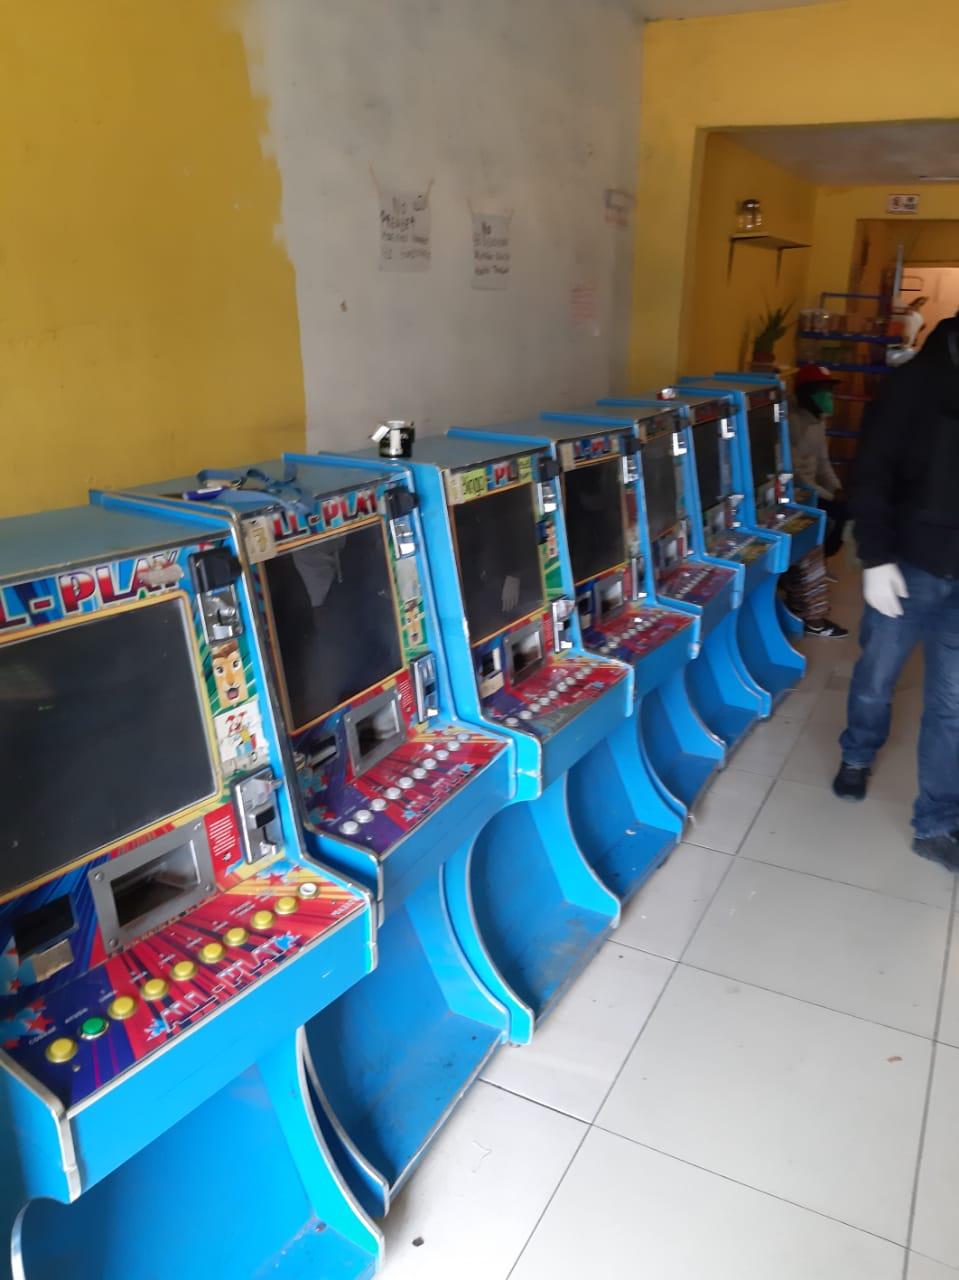 Decomisan 15 máquinas tragamonedas y droga en negocio de la Zona Norte